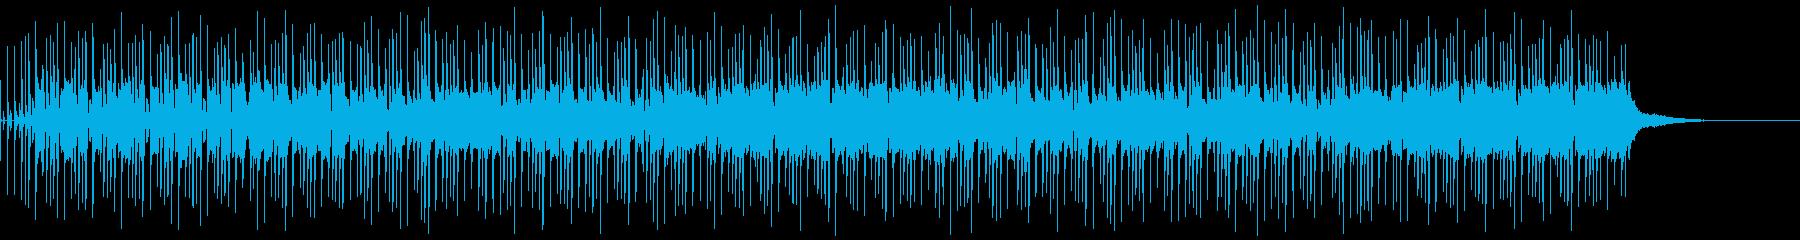 軽快でほのぼのとしたアコギBGMの再生済みの波形